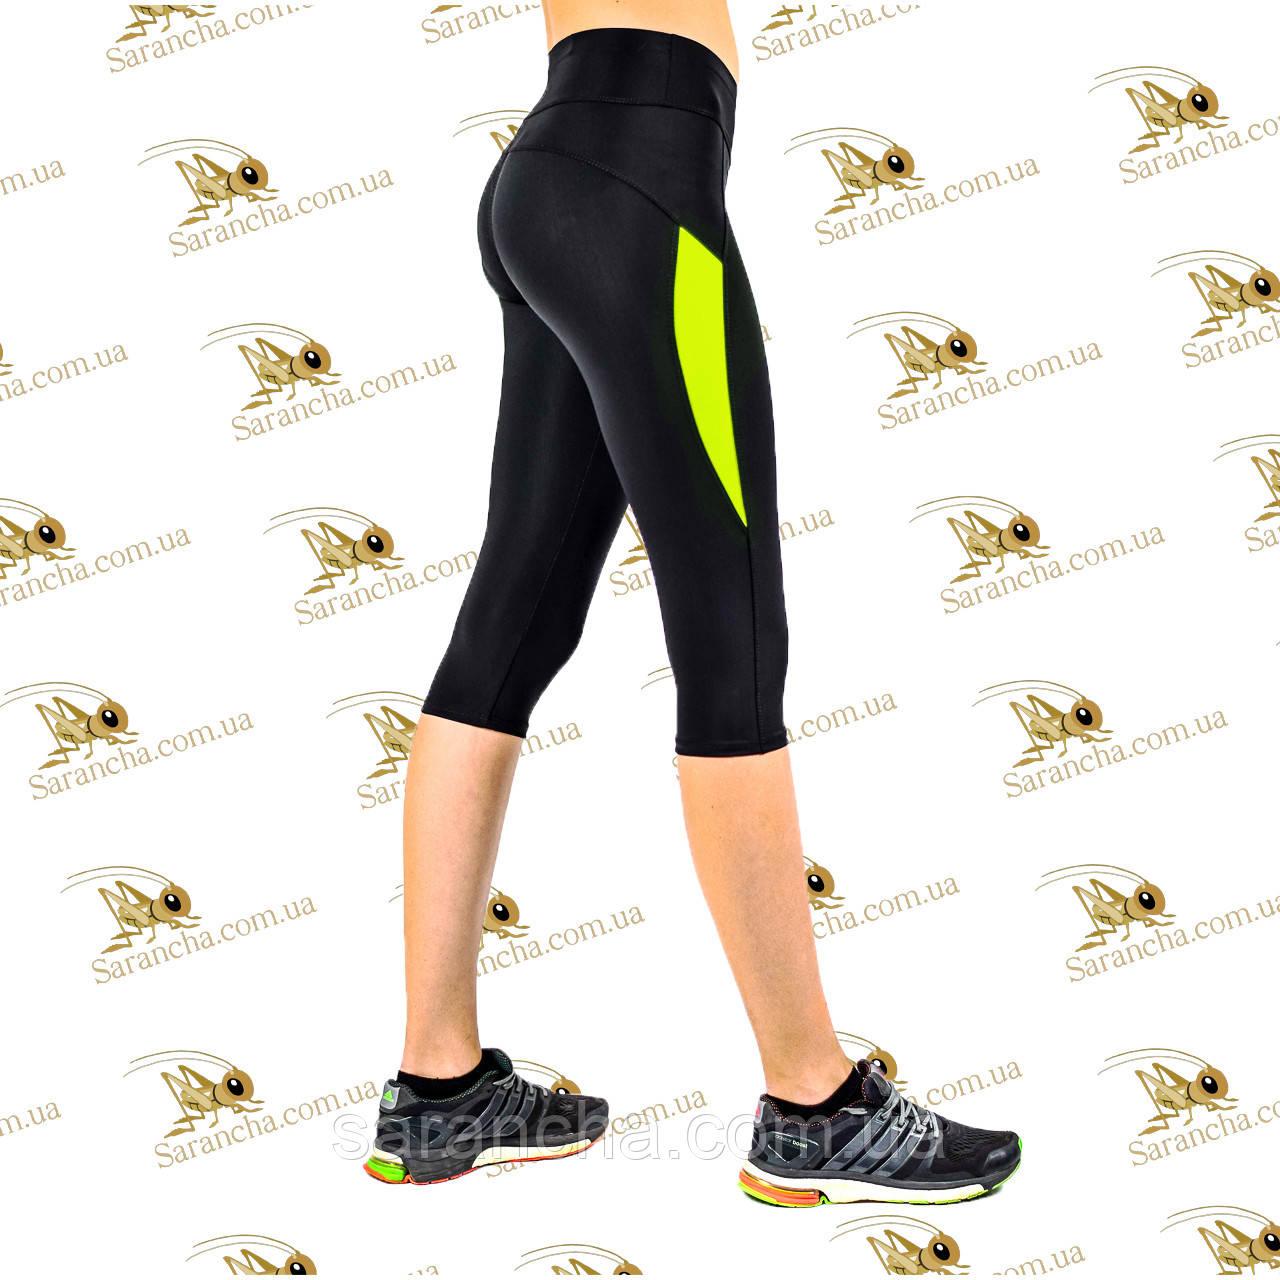 Бриджи черные женские спортивные с желтыми вставками размер от 42 до 50